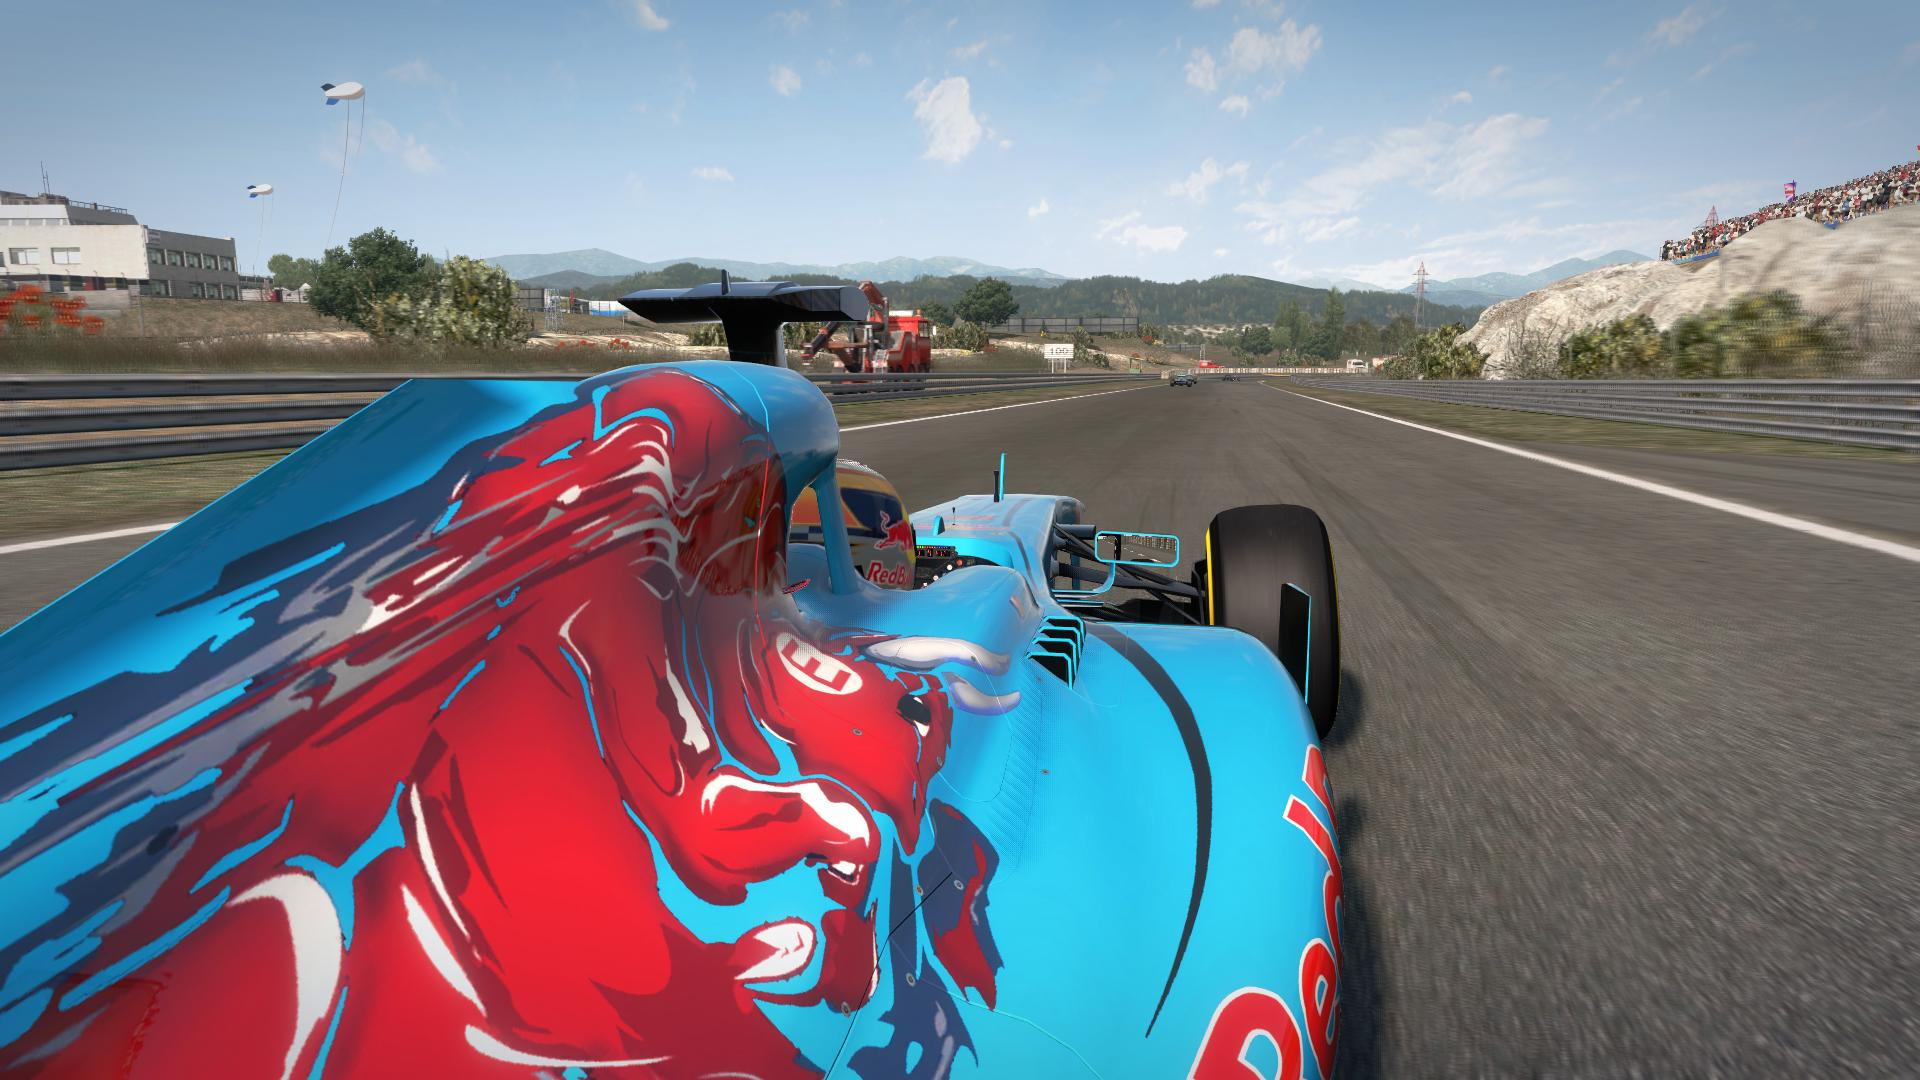 F1_2013 2016-08-15 17-54-54-69.jpg